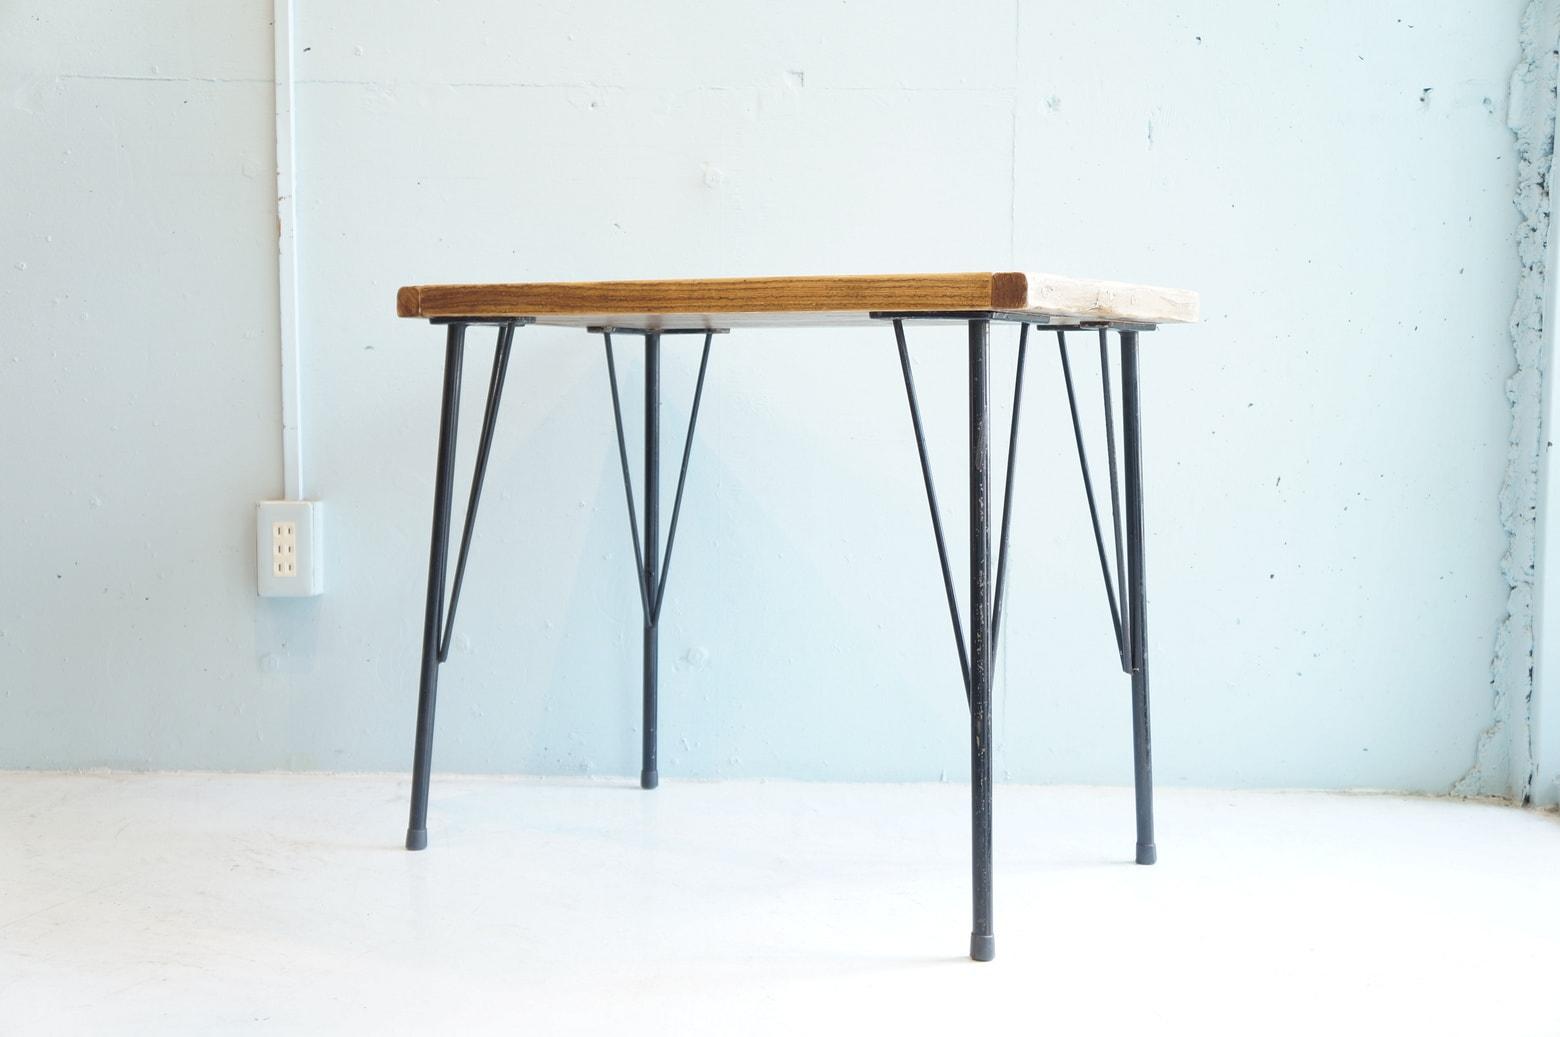 いい味が出た木の天板と鉄脚を組み合わせたサイドテーブル。 ソファサイドやベッドサイドで使うもよし、小さめのPCデスクとして使うもよし、テレビ台に使うもよし。 狭いスペースでも使える、使い勝手の良いコンパクトなサイズです。 シャビーでインダストリアルな雰囲気がお好きな方にオススメです。 古い木材や鉄脚を使用しているため、傷やサビなどがございますが、古材ならではの風合いをお楽しみいただけるテーブルです。 角が取れ、色が濃くなり、傷や汚れやサビも全然アリ、これからまた使っていくうちに味わいがどんどんと増していくのも楽しみのひとつではないでしょうか。 ~【東京都杉並区阿佐ヶ谷北アンティークショップ 古一】 古一/ふるいちでは出張無料買取も行っております。杉並区周辺はもちろん、世田谷区・目黒区・武蔵野市・新宿区等の東京近郊のお見積もりも!ビンテージ家具・インテリア雑貨・ランプ・USED品・ リサイクルなら古一/フルイチへ~